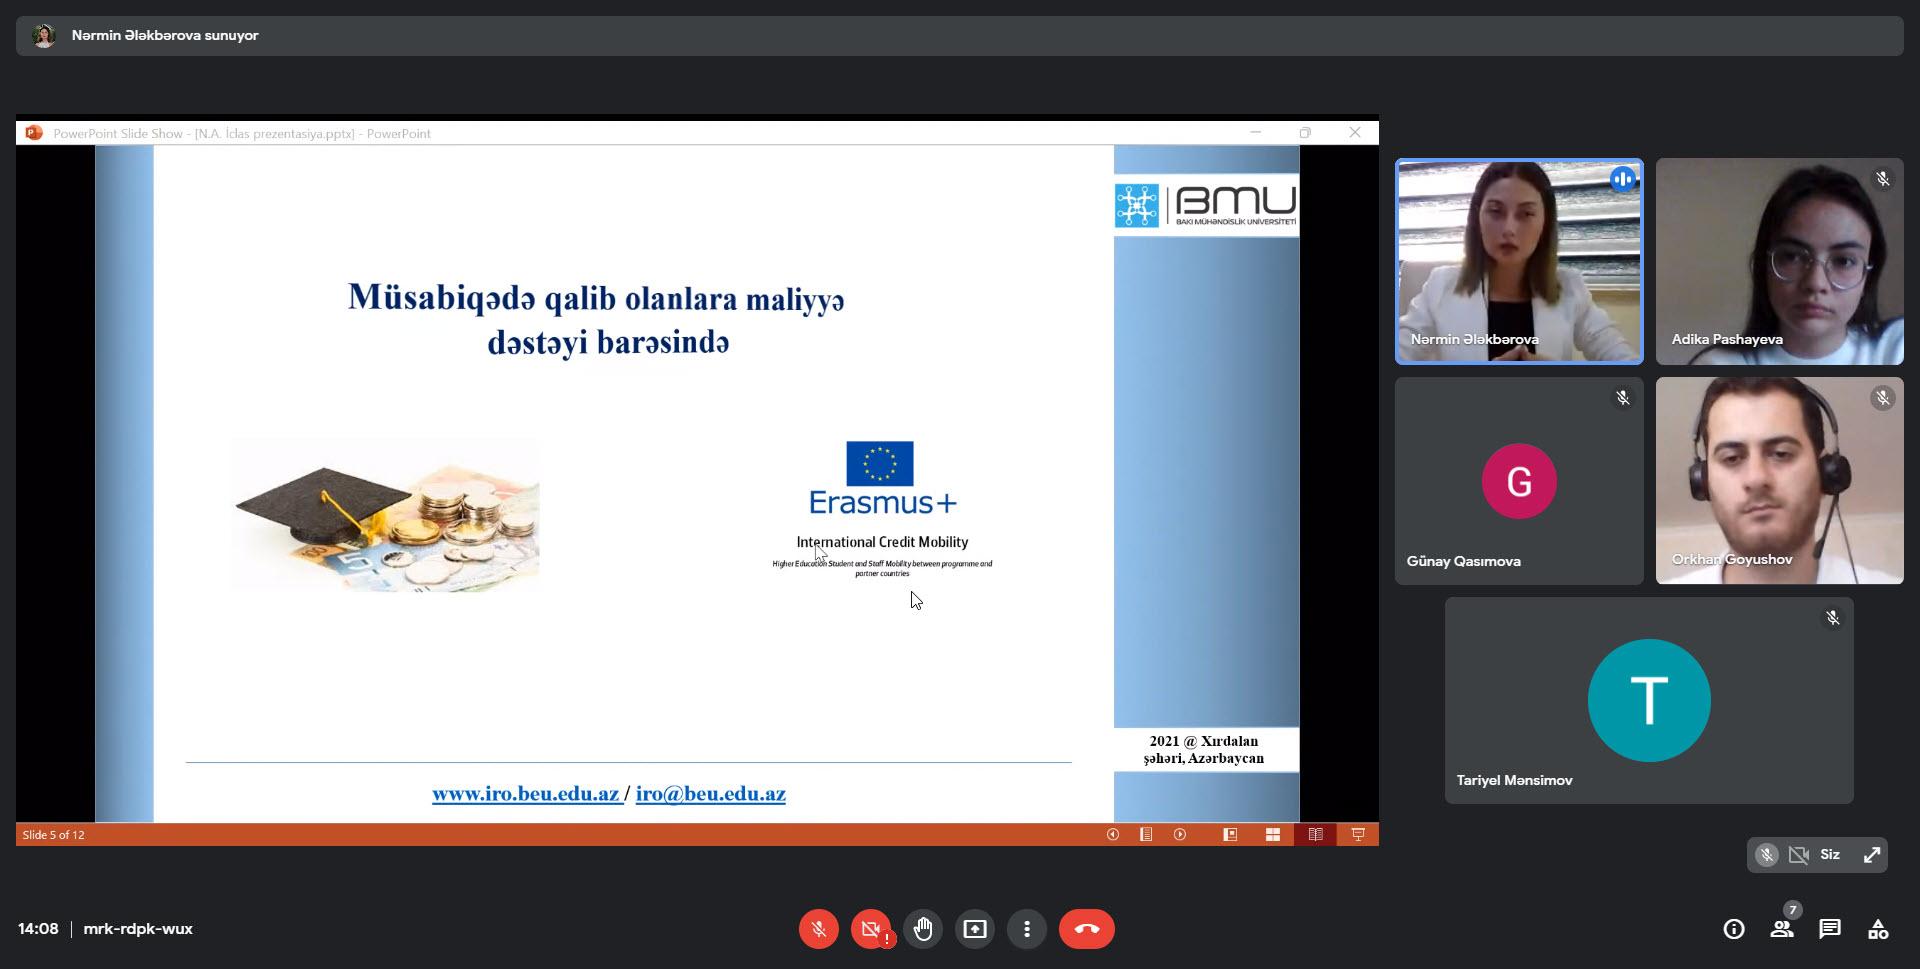 BMU-da Erasmus+ KA1 mübadilə proqramı barədə məlumat sessiyası keçirilib